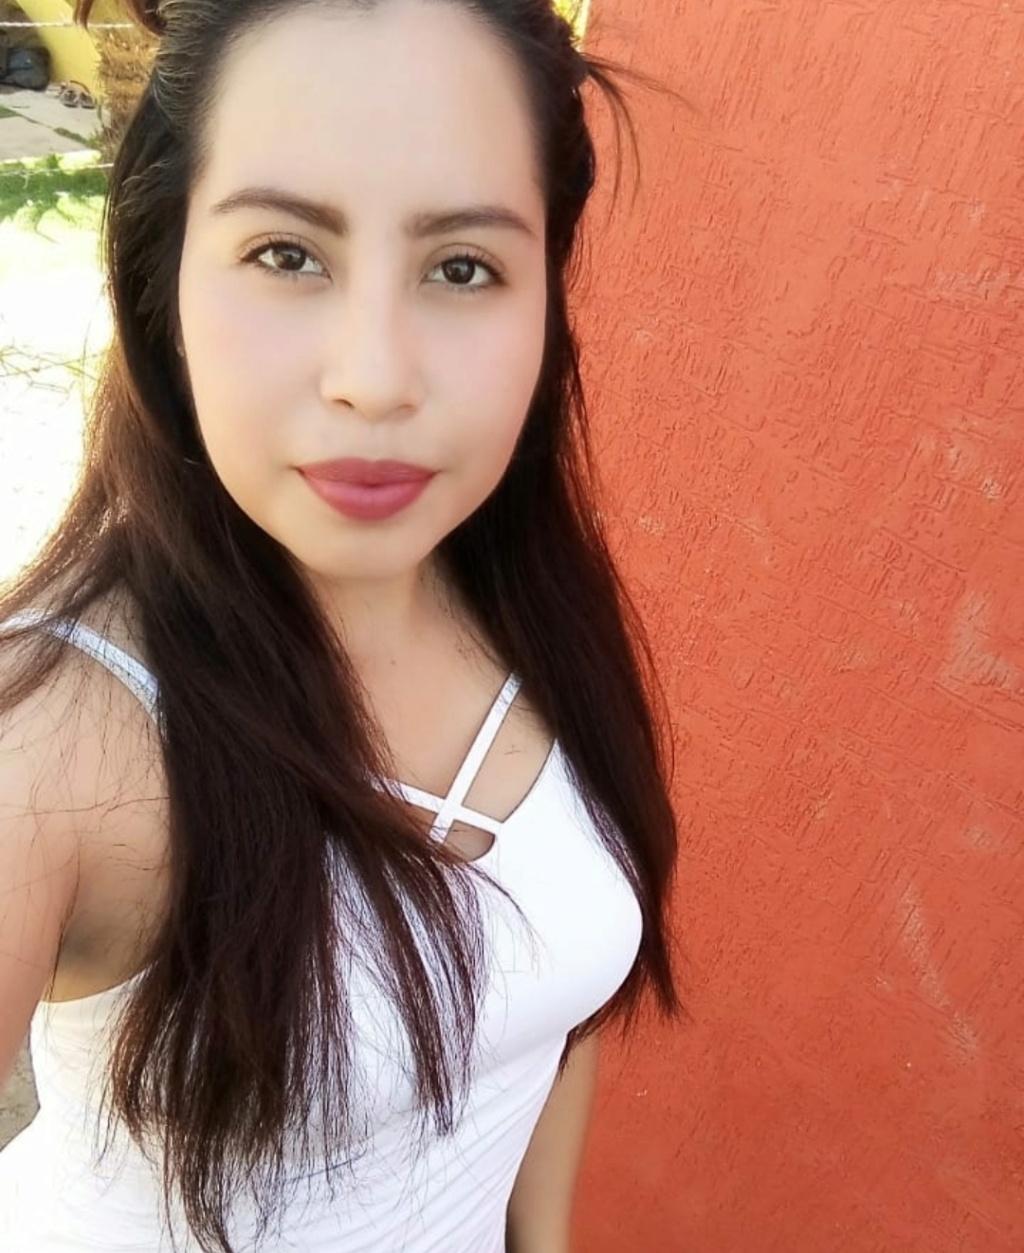 DEBATE sobre belleza, guapura y hermosura (fotos de chicas latinas, mestizas, y de todo) - VOL II - Página 3 Img_1078